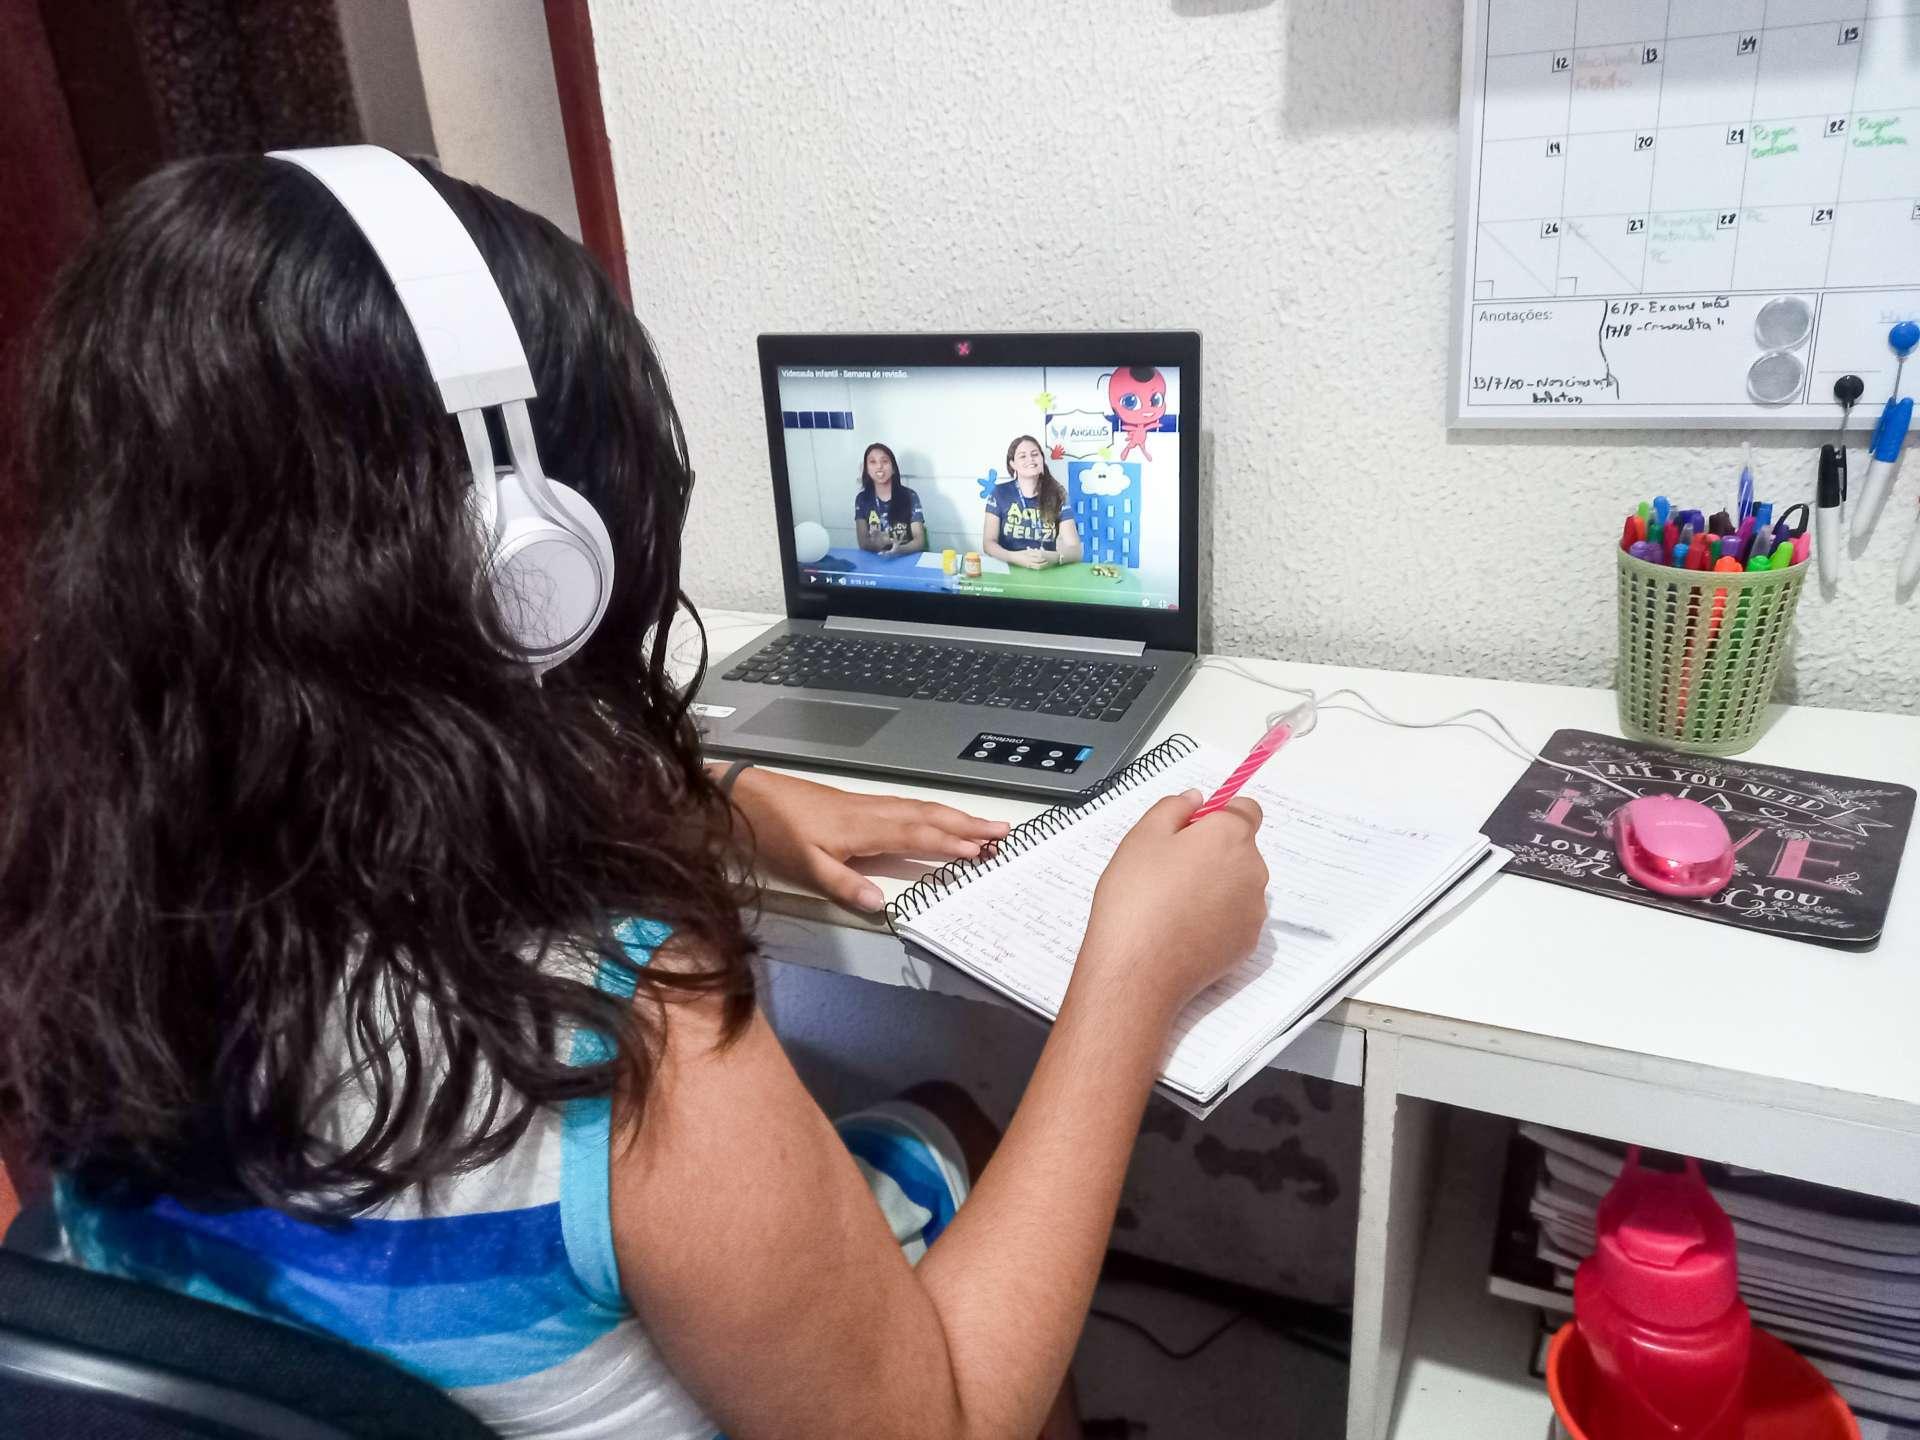 Além das aulas, escolas precisaram repensar forma de avaliação dos alunos (BARBARA MOIRA/ O POVO)